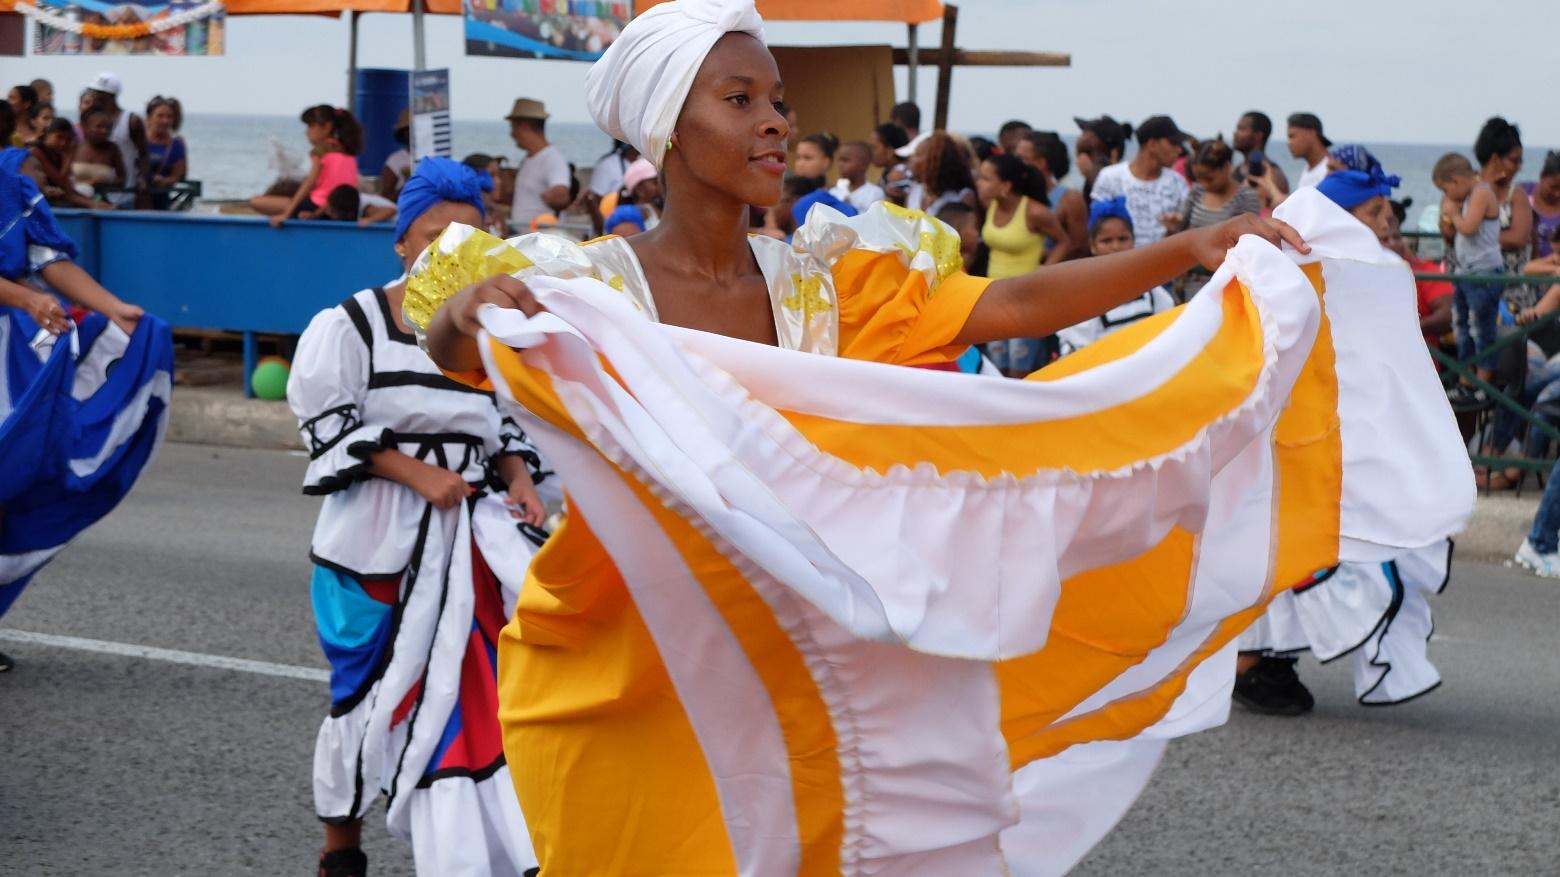 Куба. Карнавал к началу учебного года в Гаване